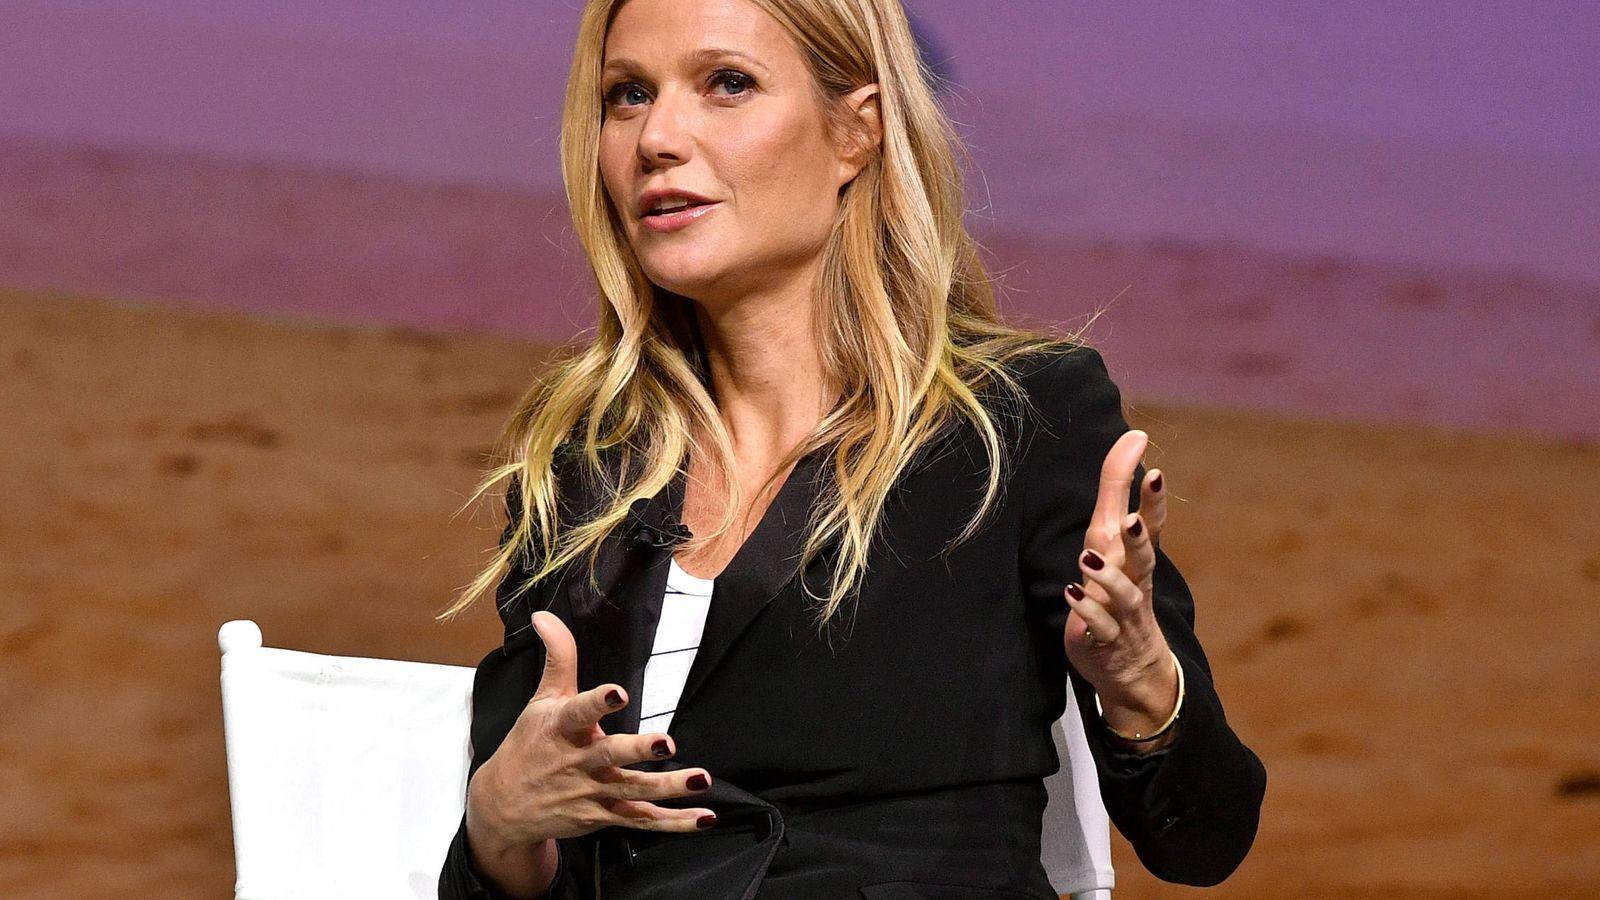 Foto: Gwyneth Paltrow, en una foto de archivo. (Getty)